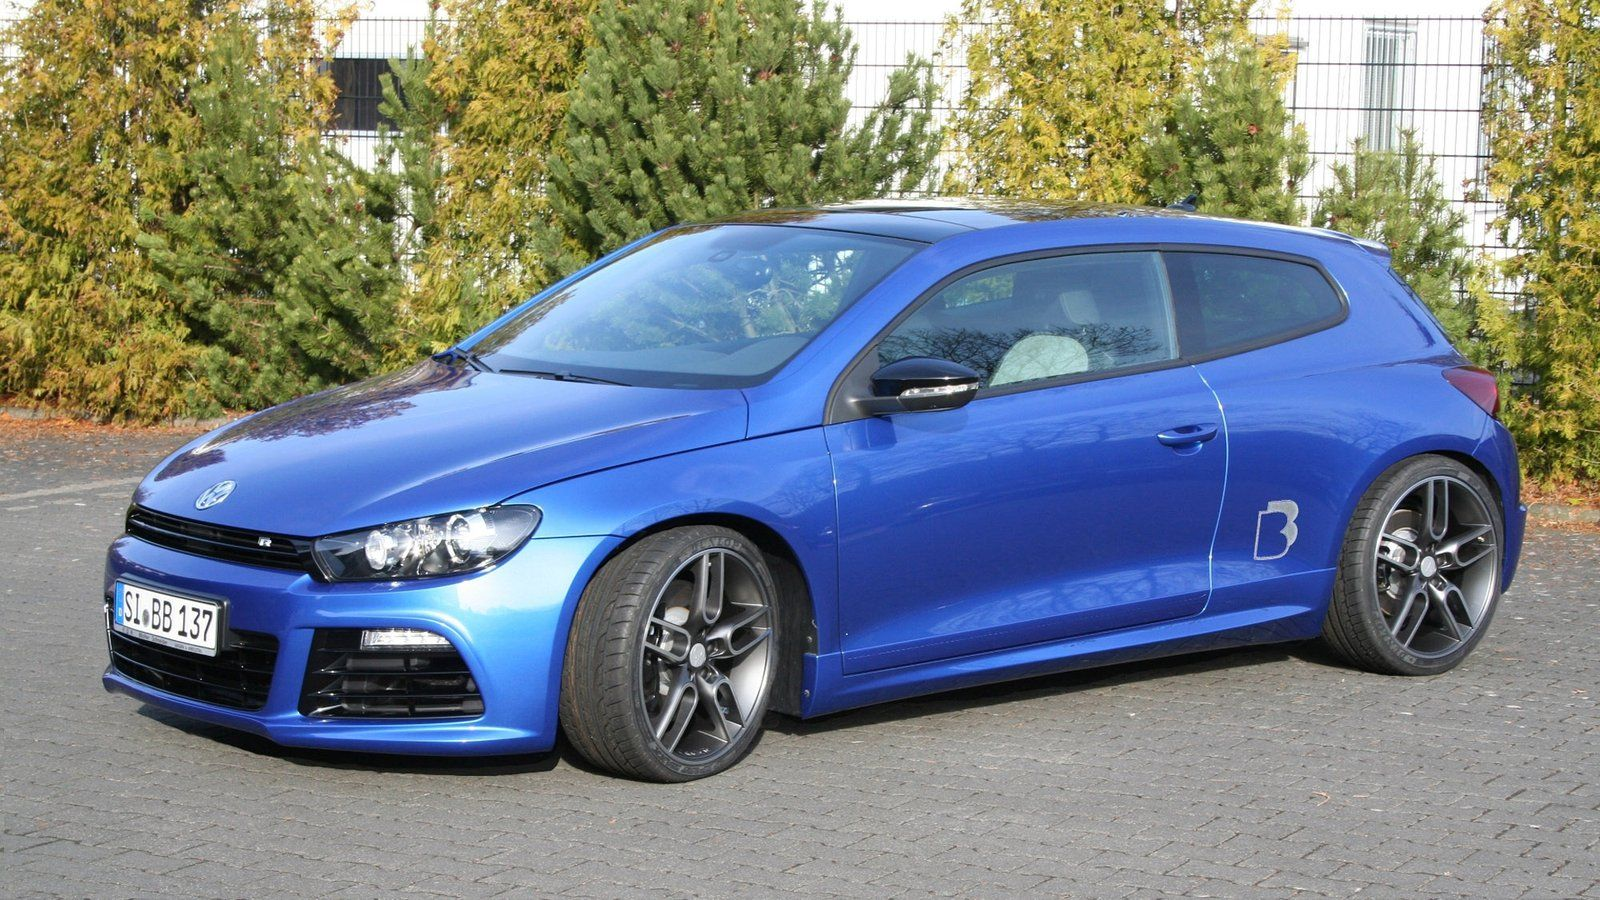 Volkswagen Gti Vr6 Specs >> B&B fait rentrer 362 chevaux sous le capot du Volkswagen Scirocco R